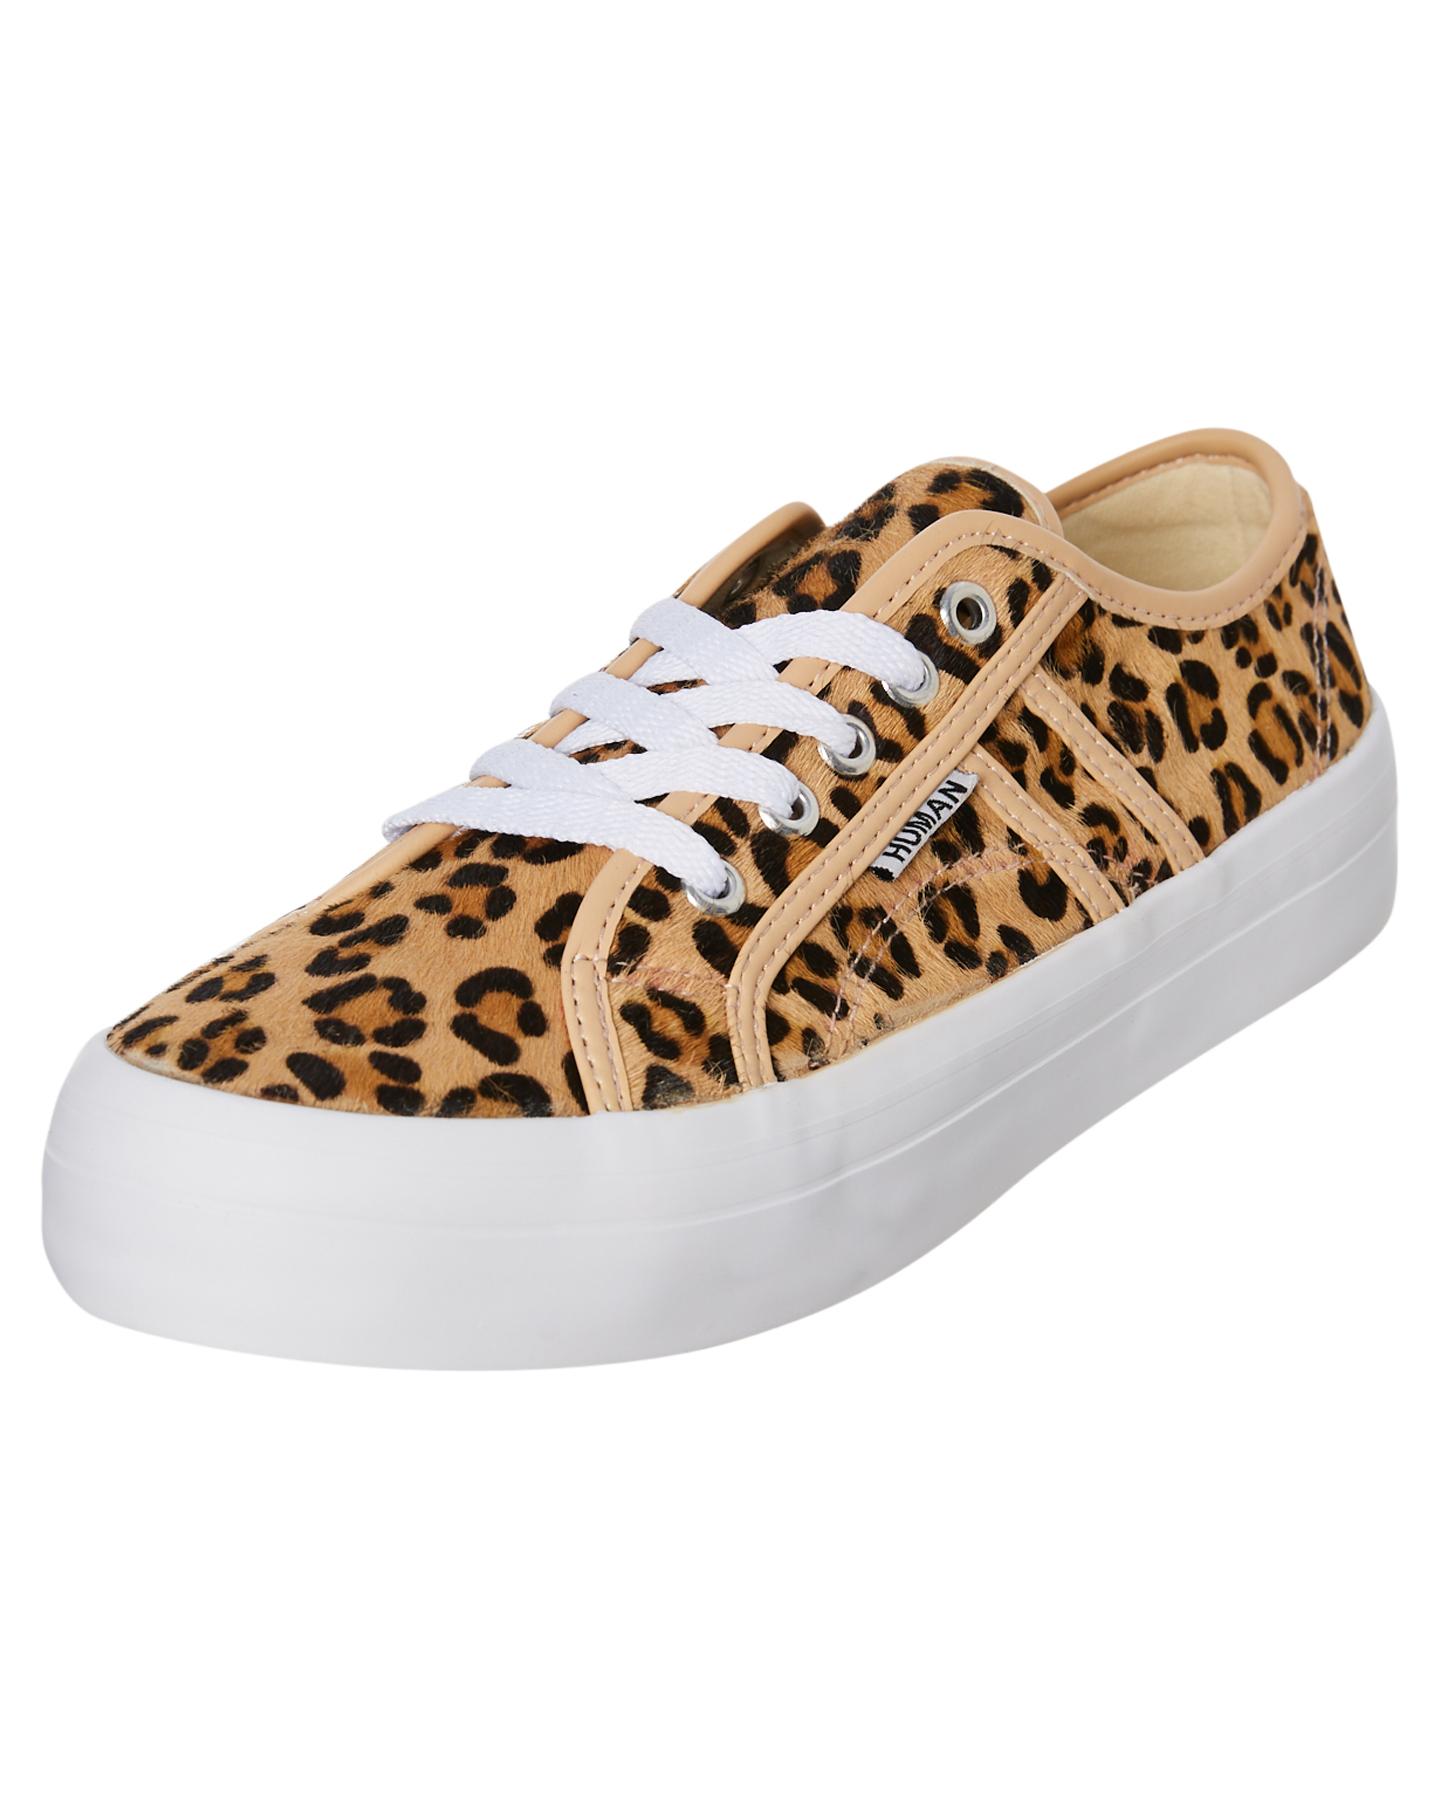 New-Human-Footwear-Women-039-s-Womens-Cass-Shoe-Rubber thumbnail 10